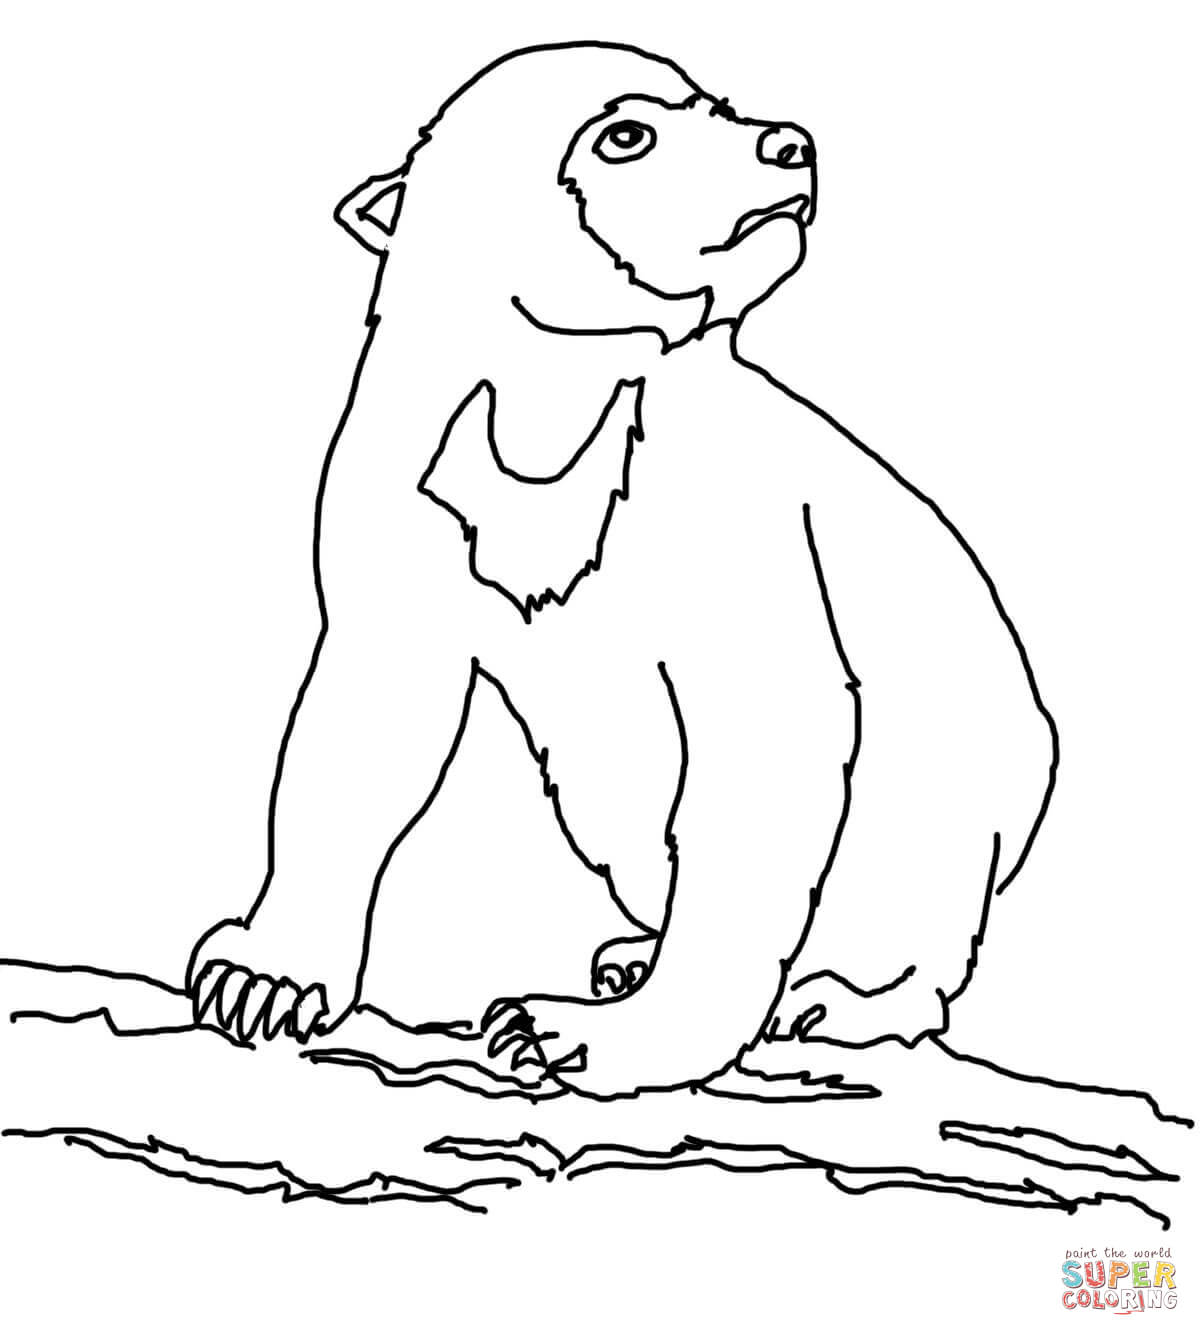 Cub coloring #11, Download drawings